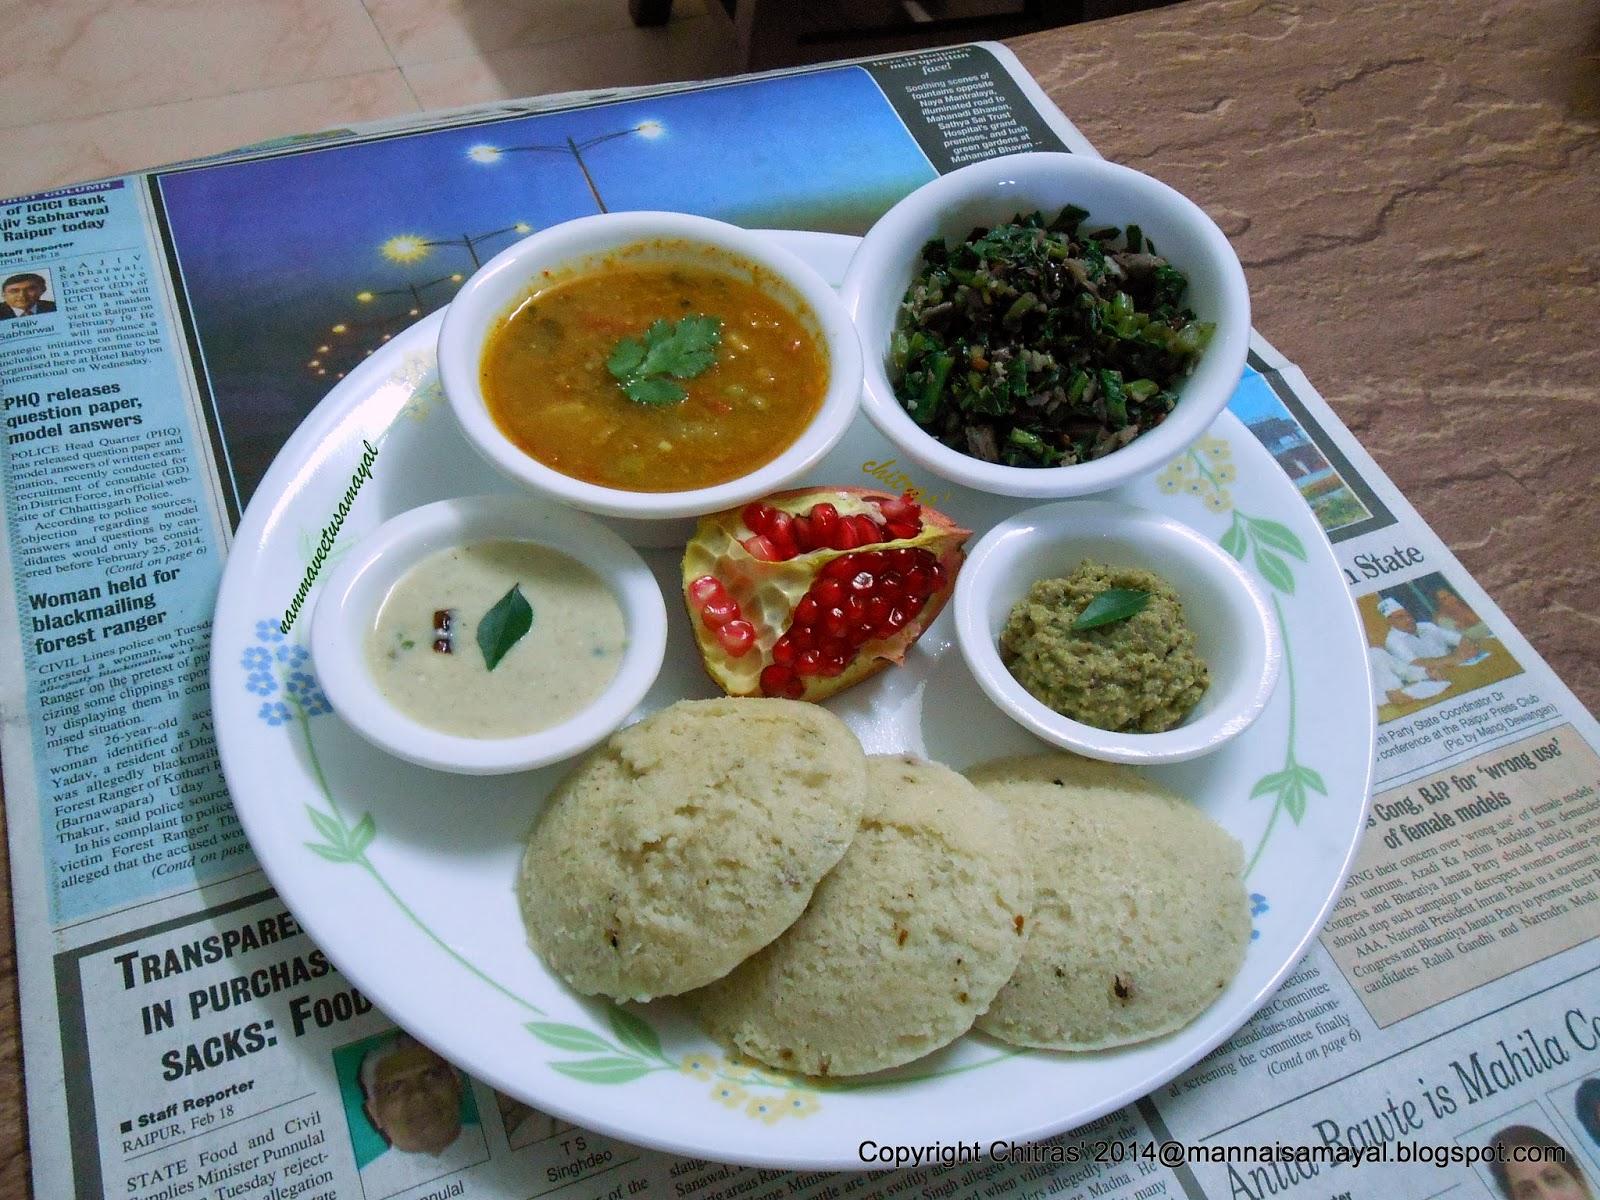 காஞ்சிபுரம் இட்லி